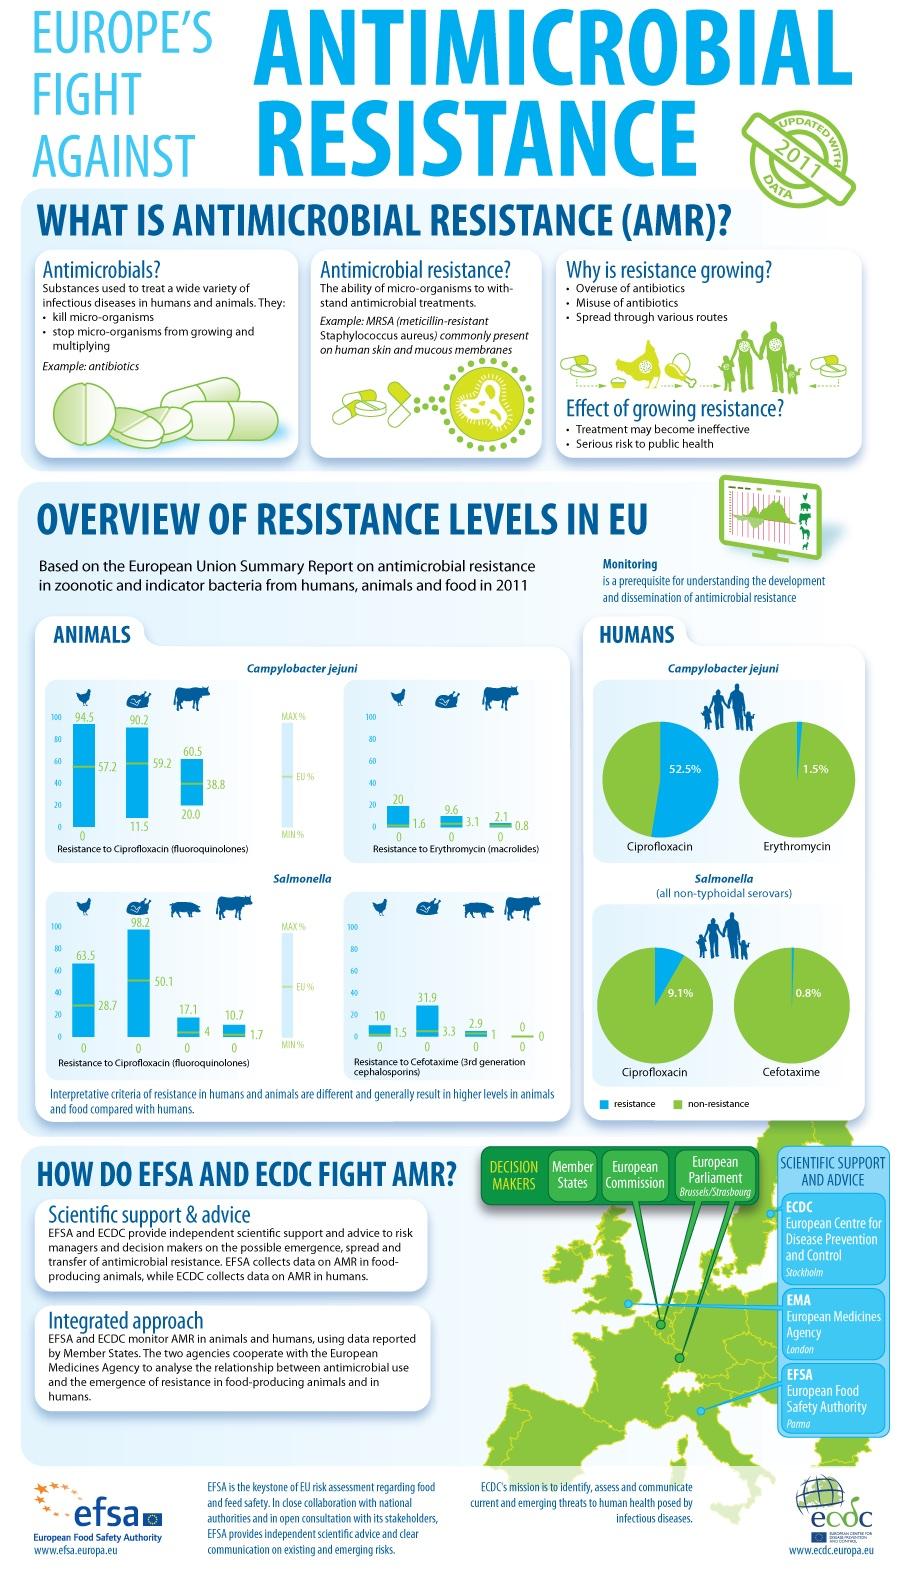 EFSA-Infographic zu antimikrobiellen Resistenzen